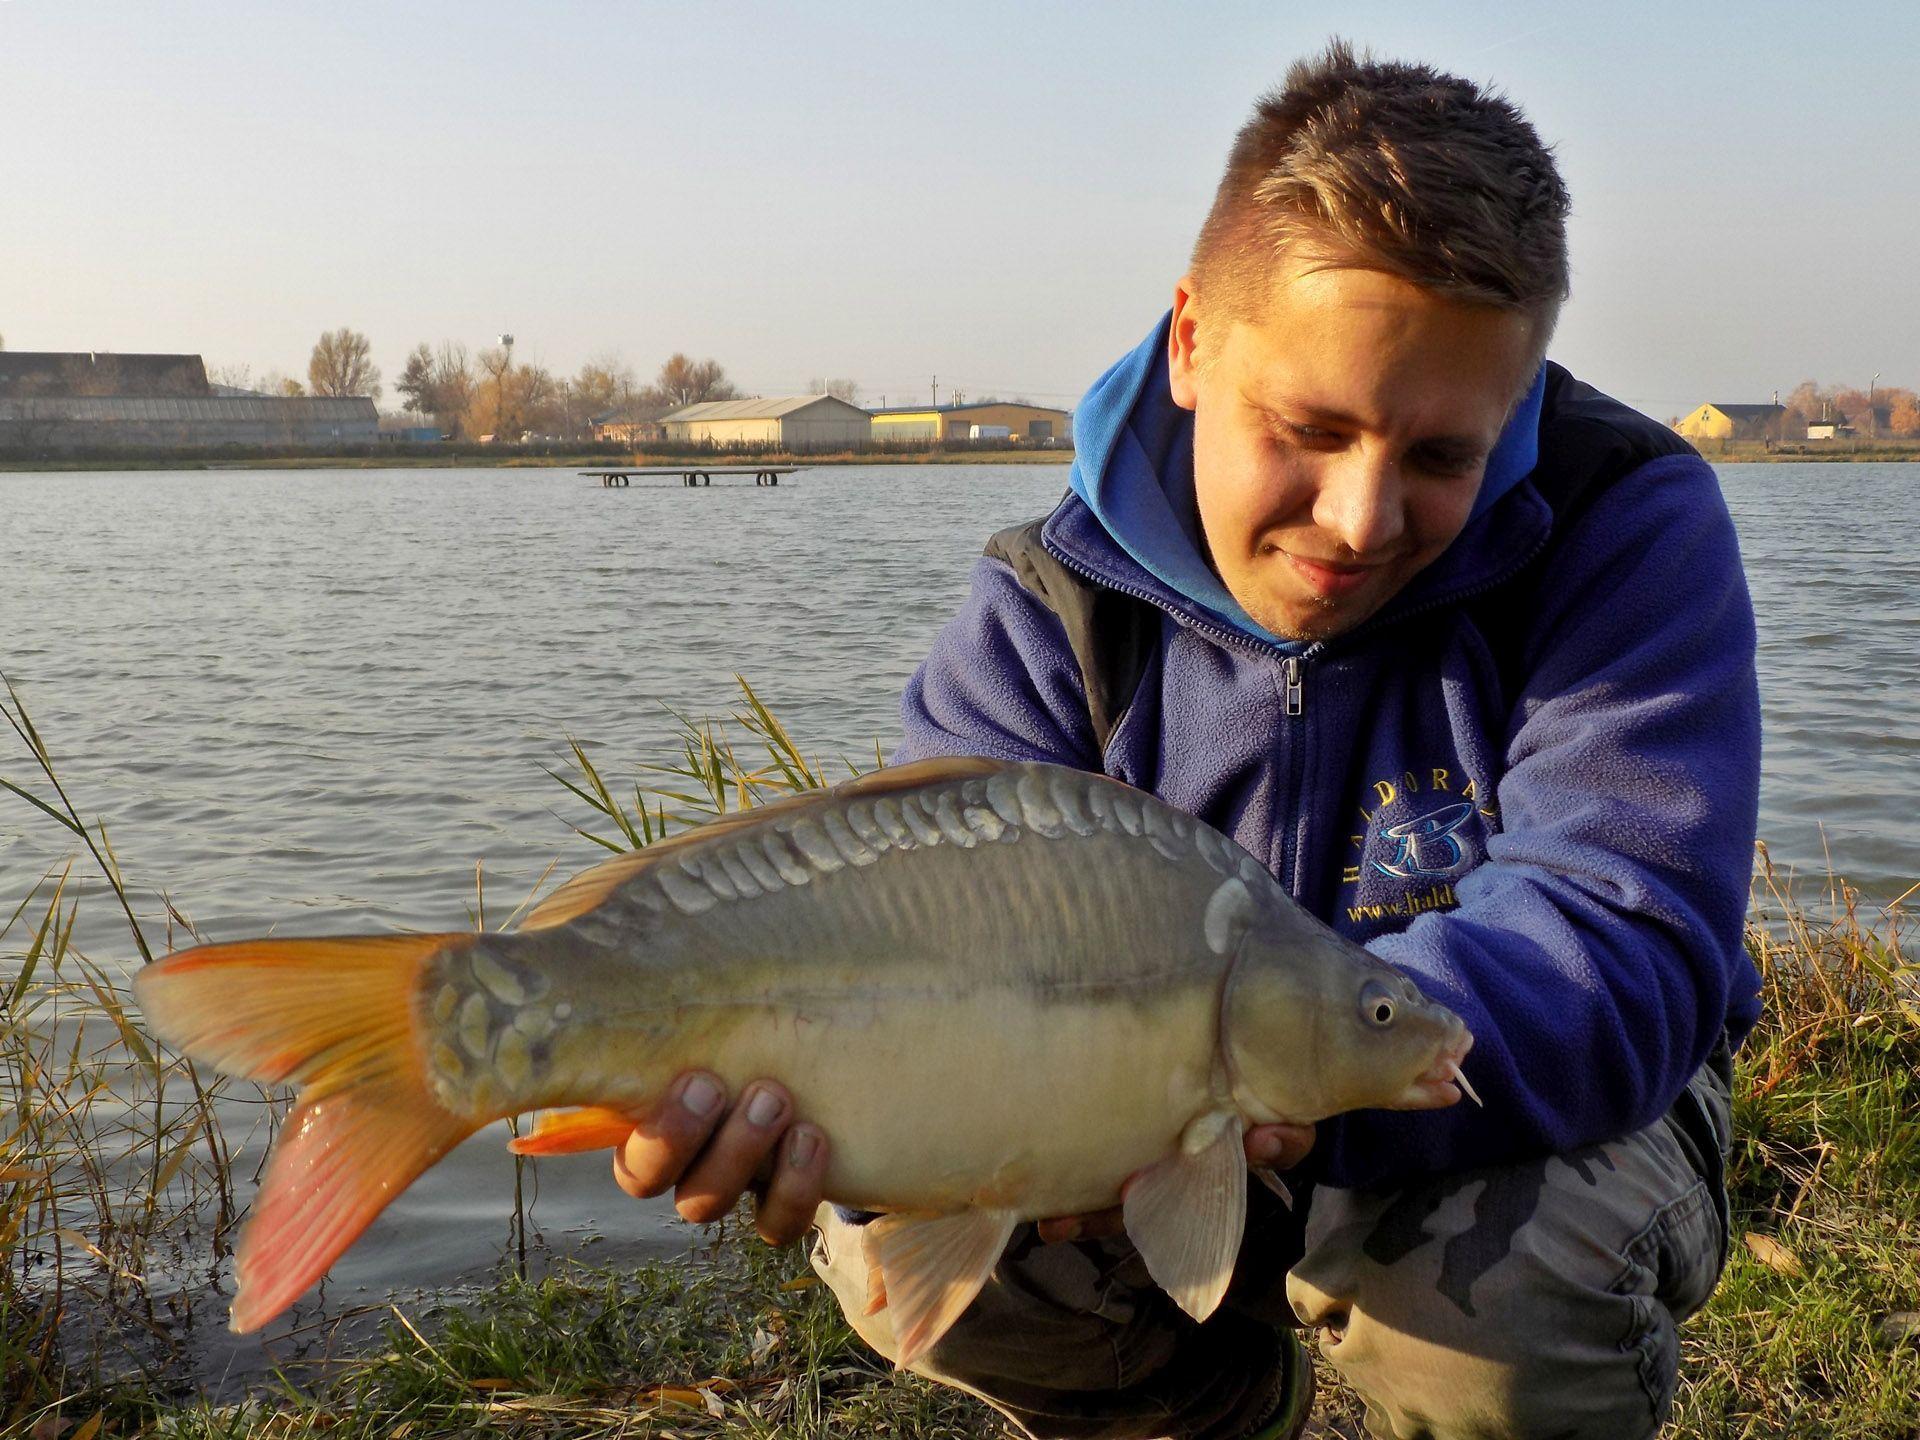 Az apró finomításoknak köszönhetően szinte nem volt kapásmentes időszak a horgászat alatt